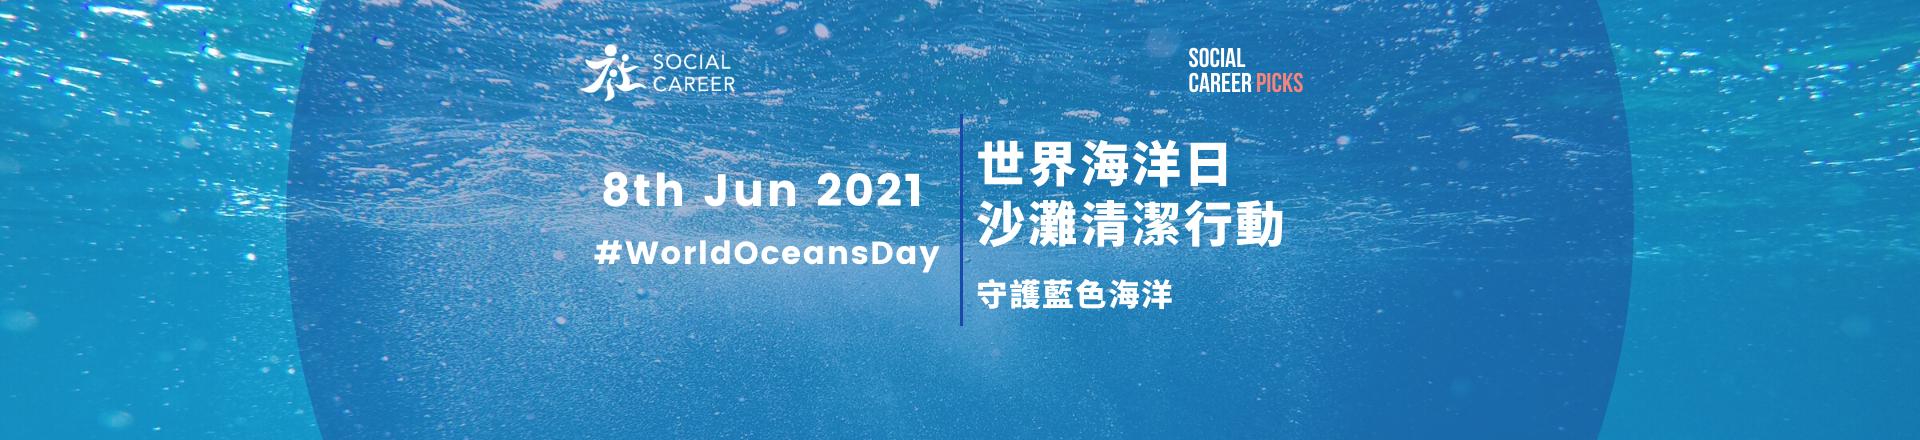 6月8日世界海洋日社職「世界海洋日 - 沙灘清潔行動」(World Ocean Day - Beach Cleanup)